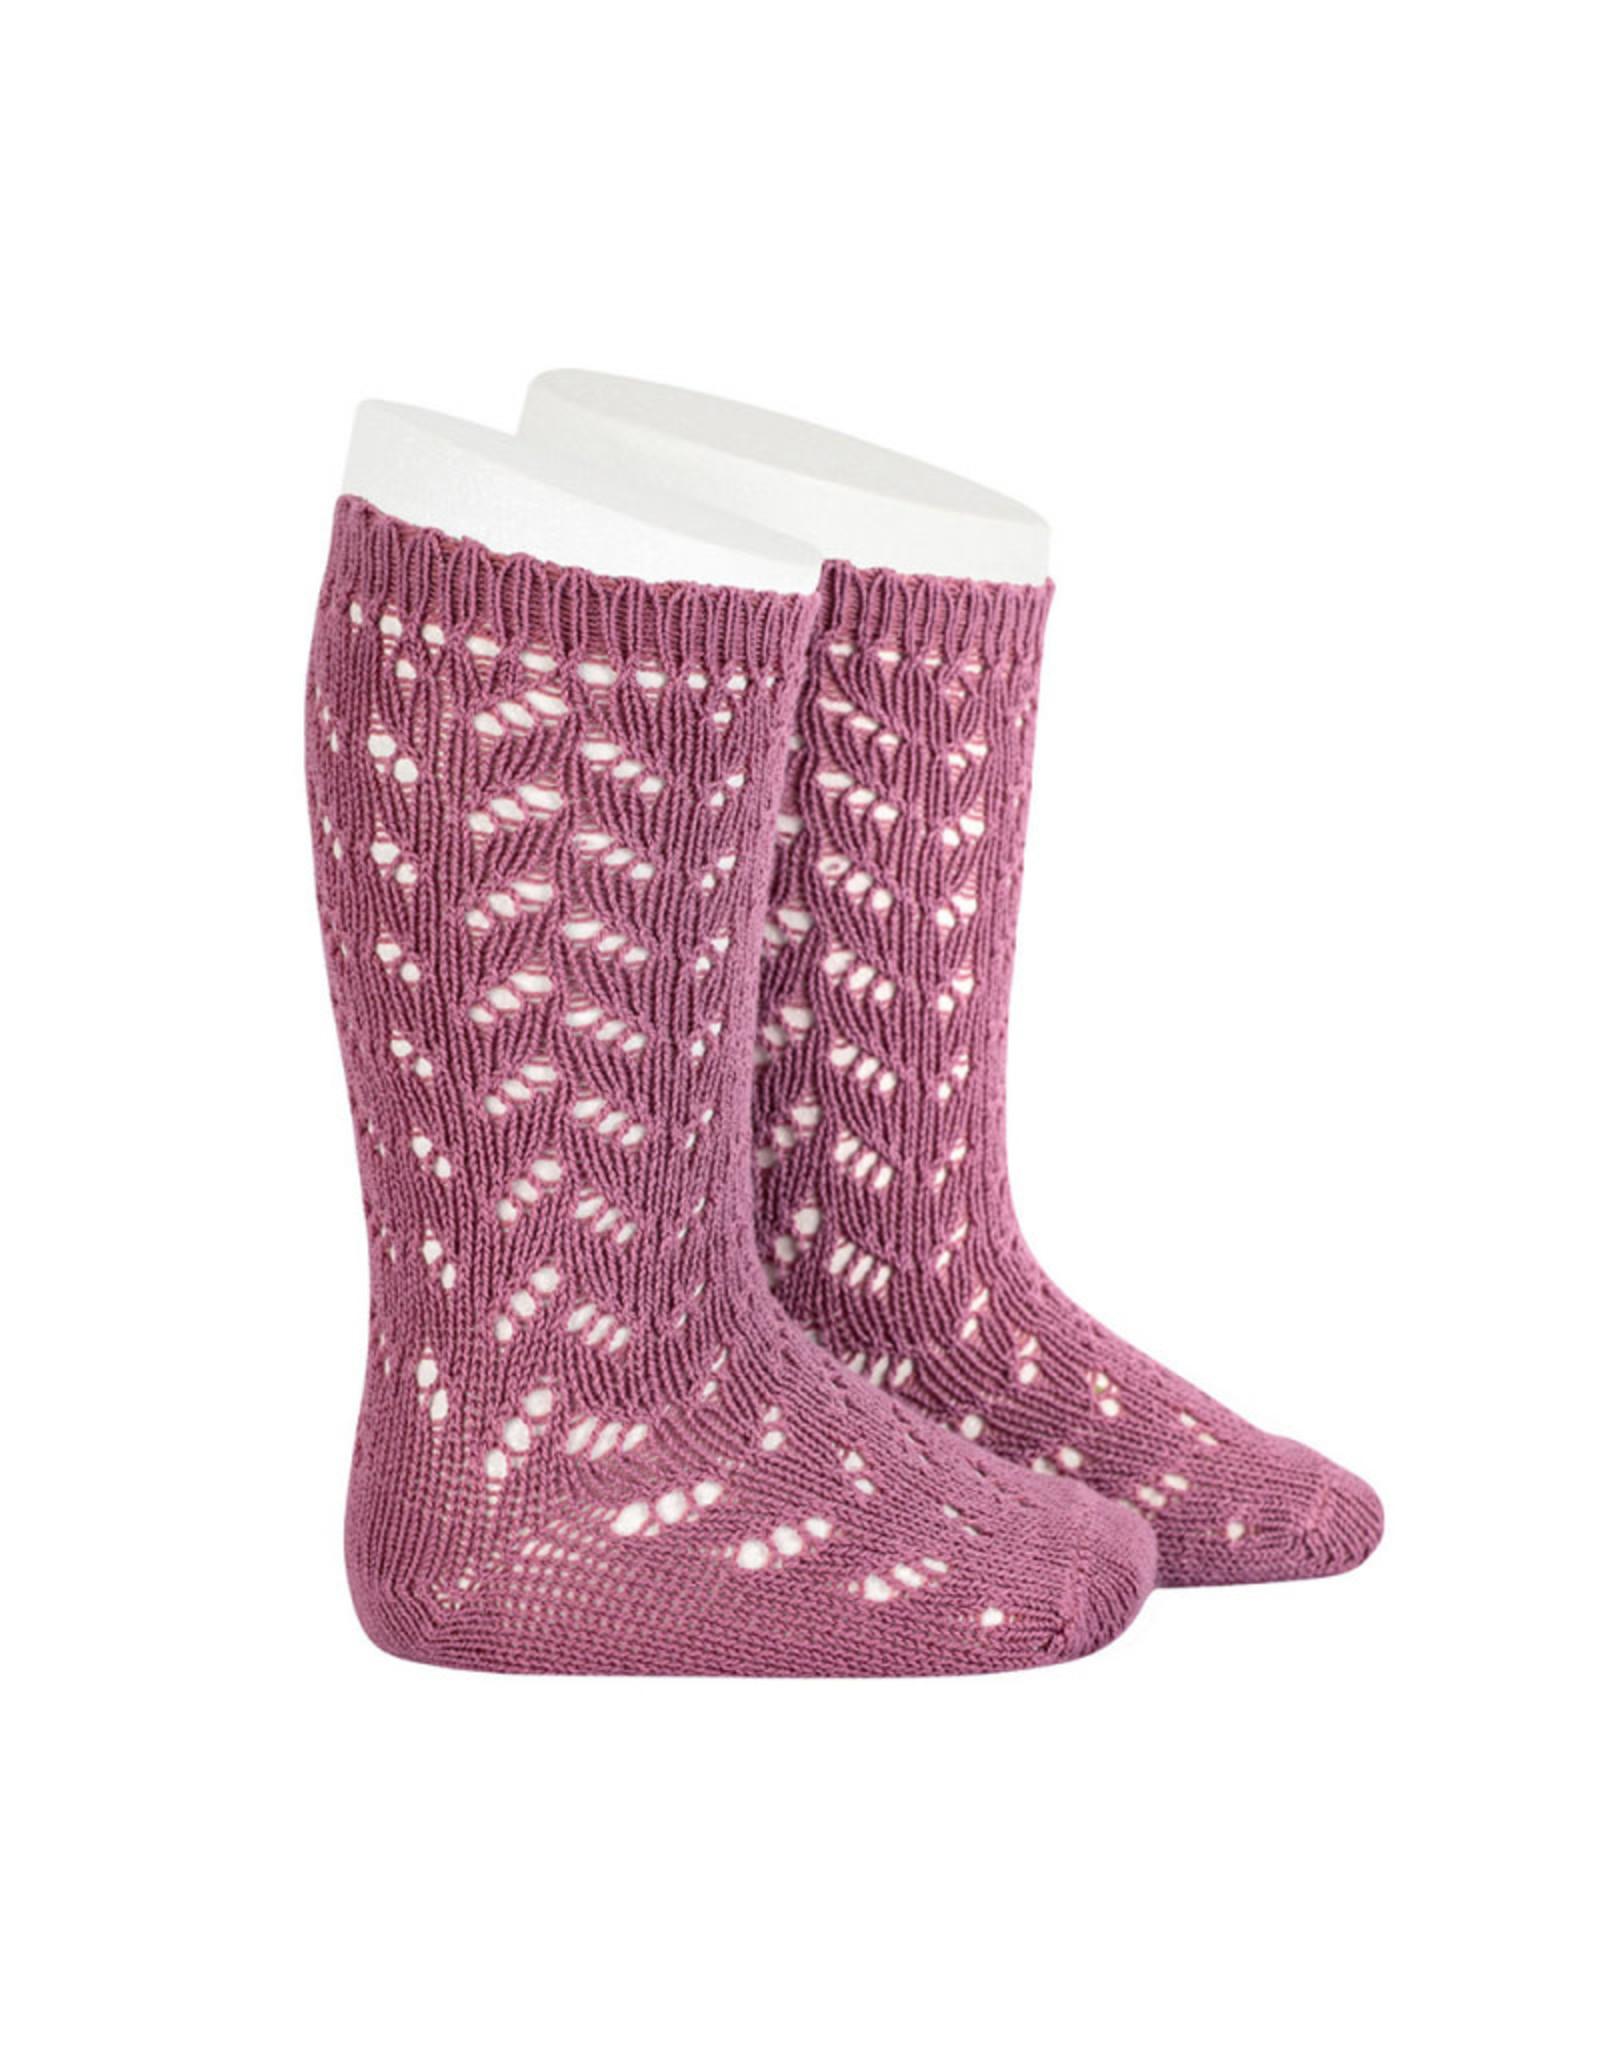 CONDOR Cassis Warm Openwork Socks